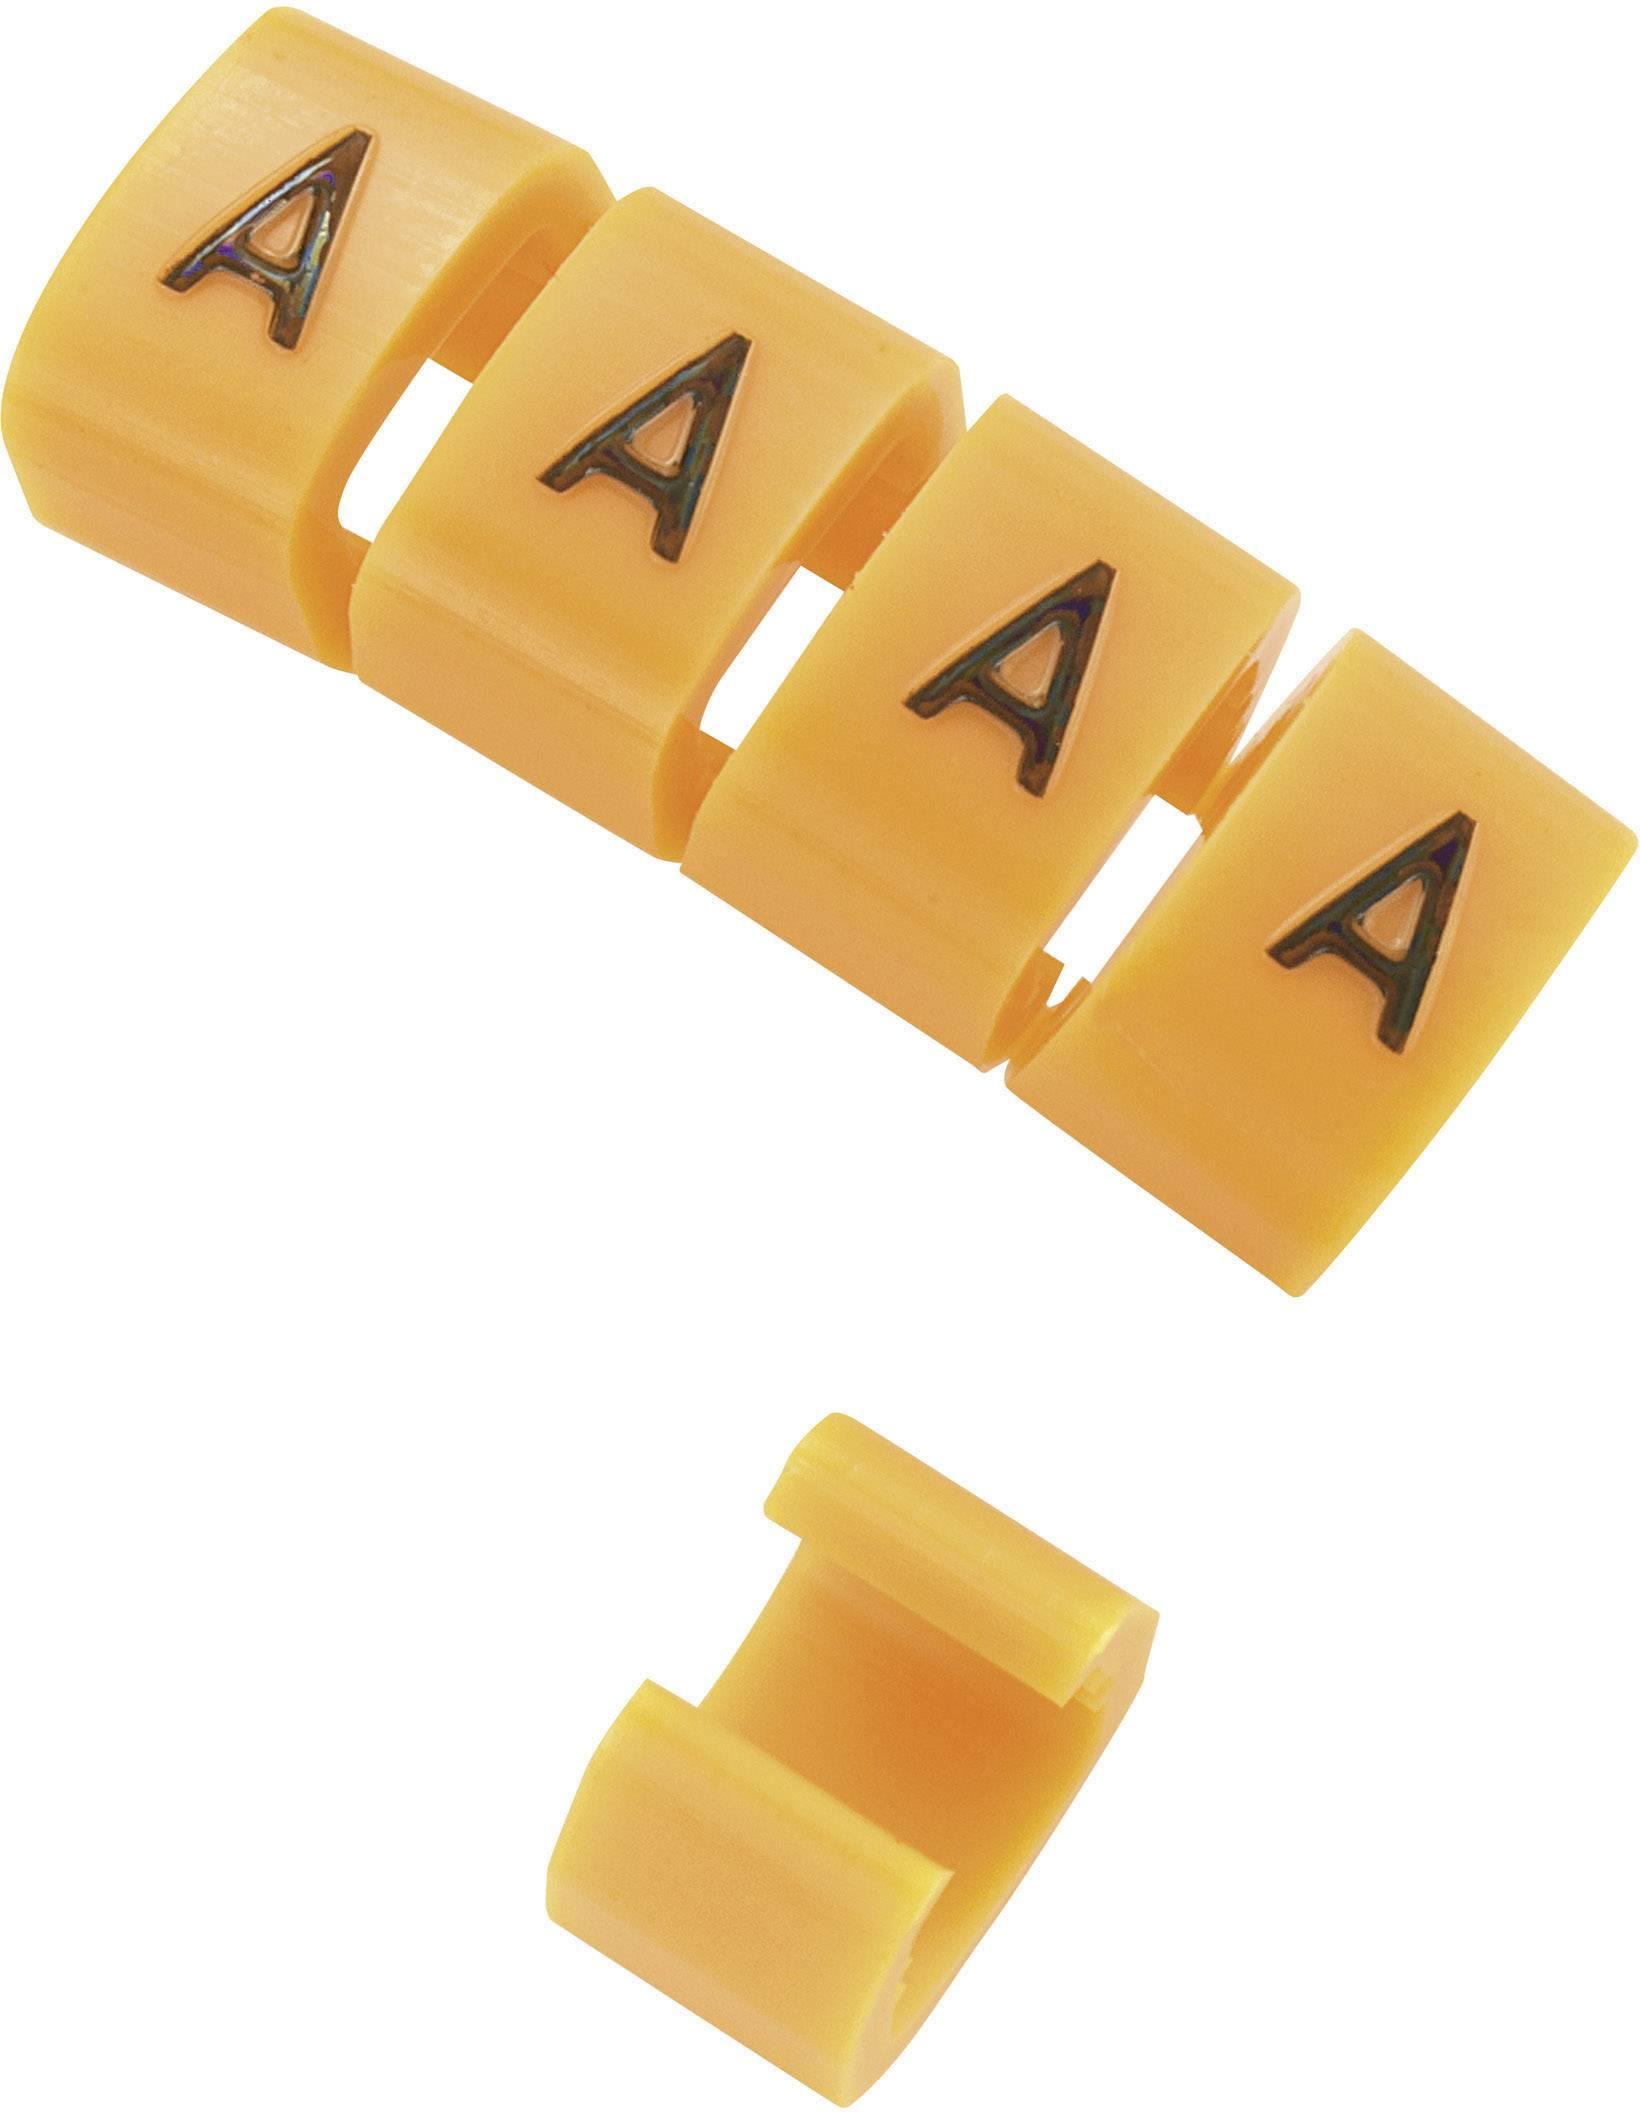 Označovacie objímka na káble KSS MB2/V, oranžová, 10 ks